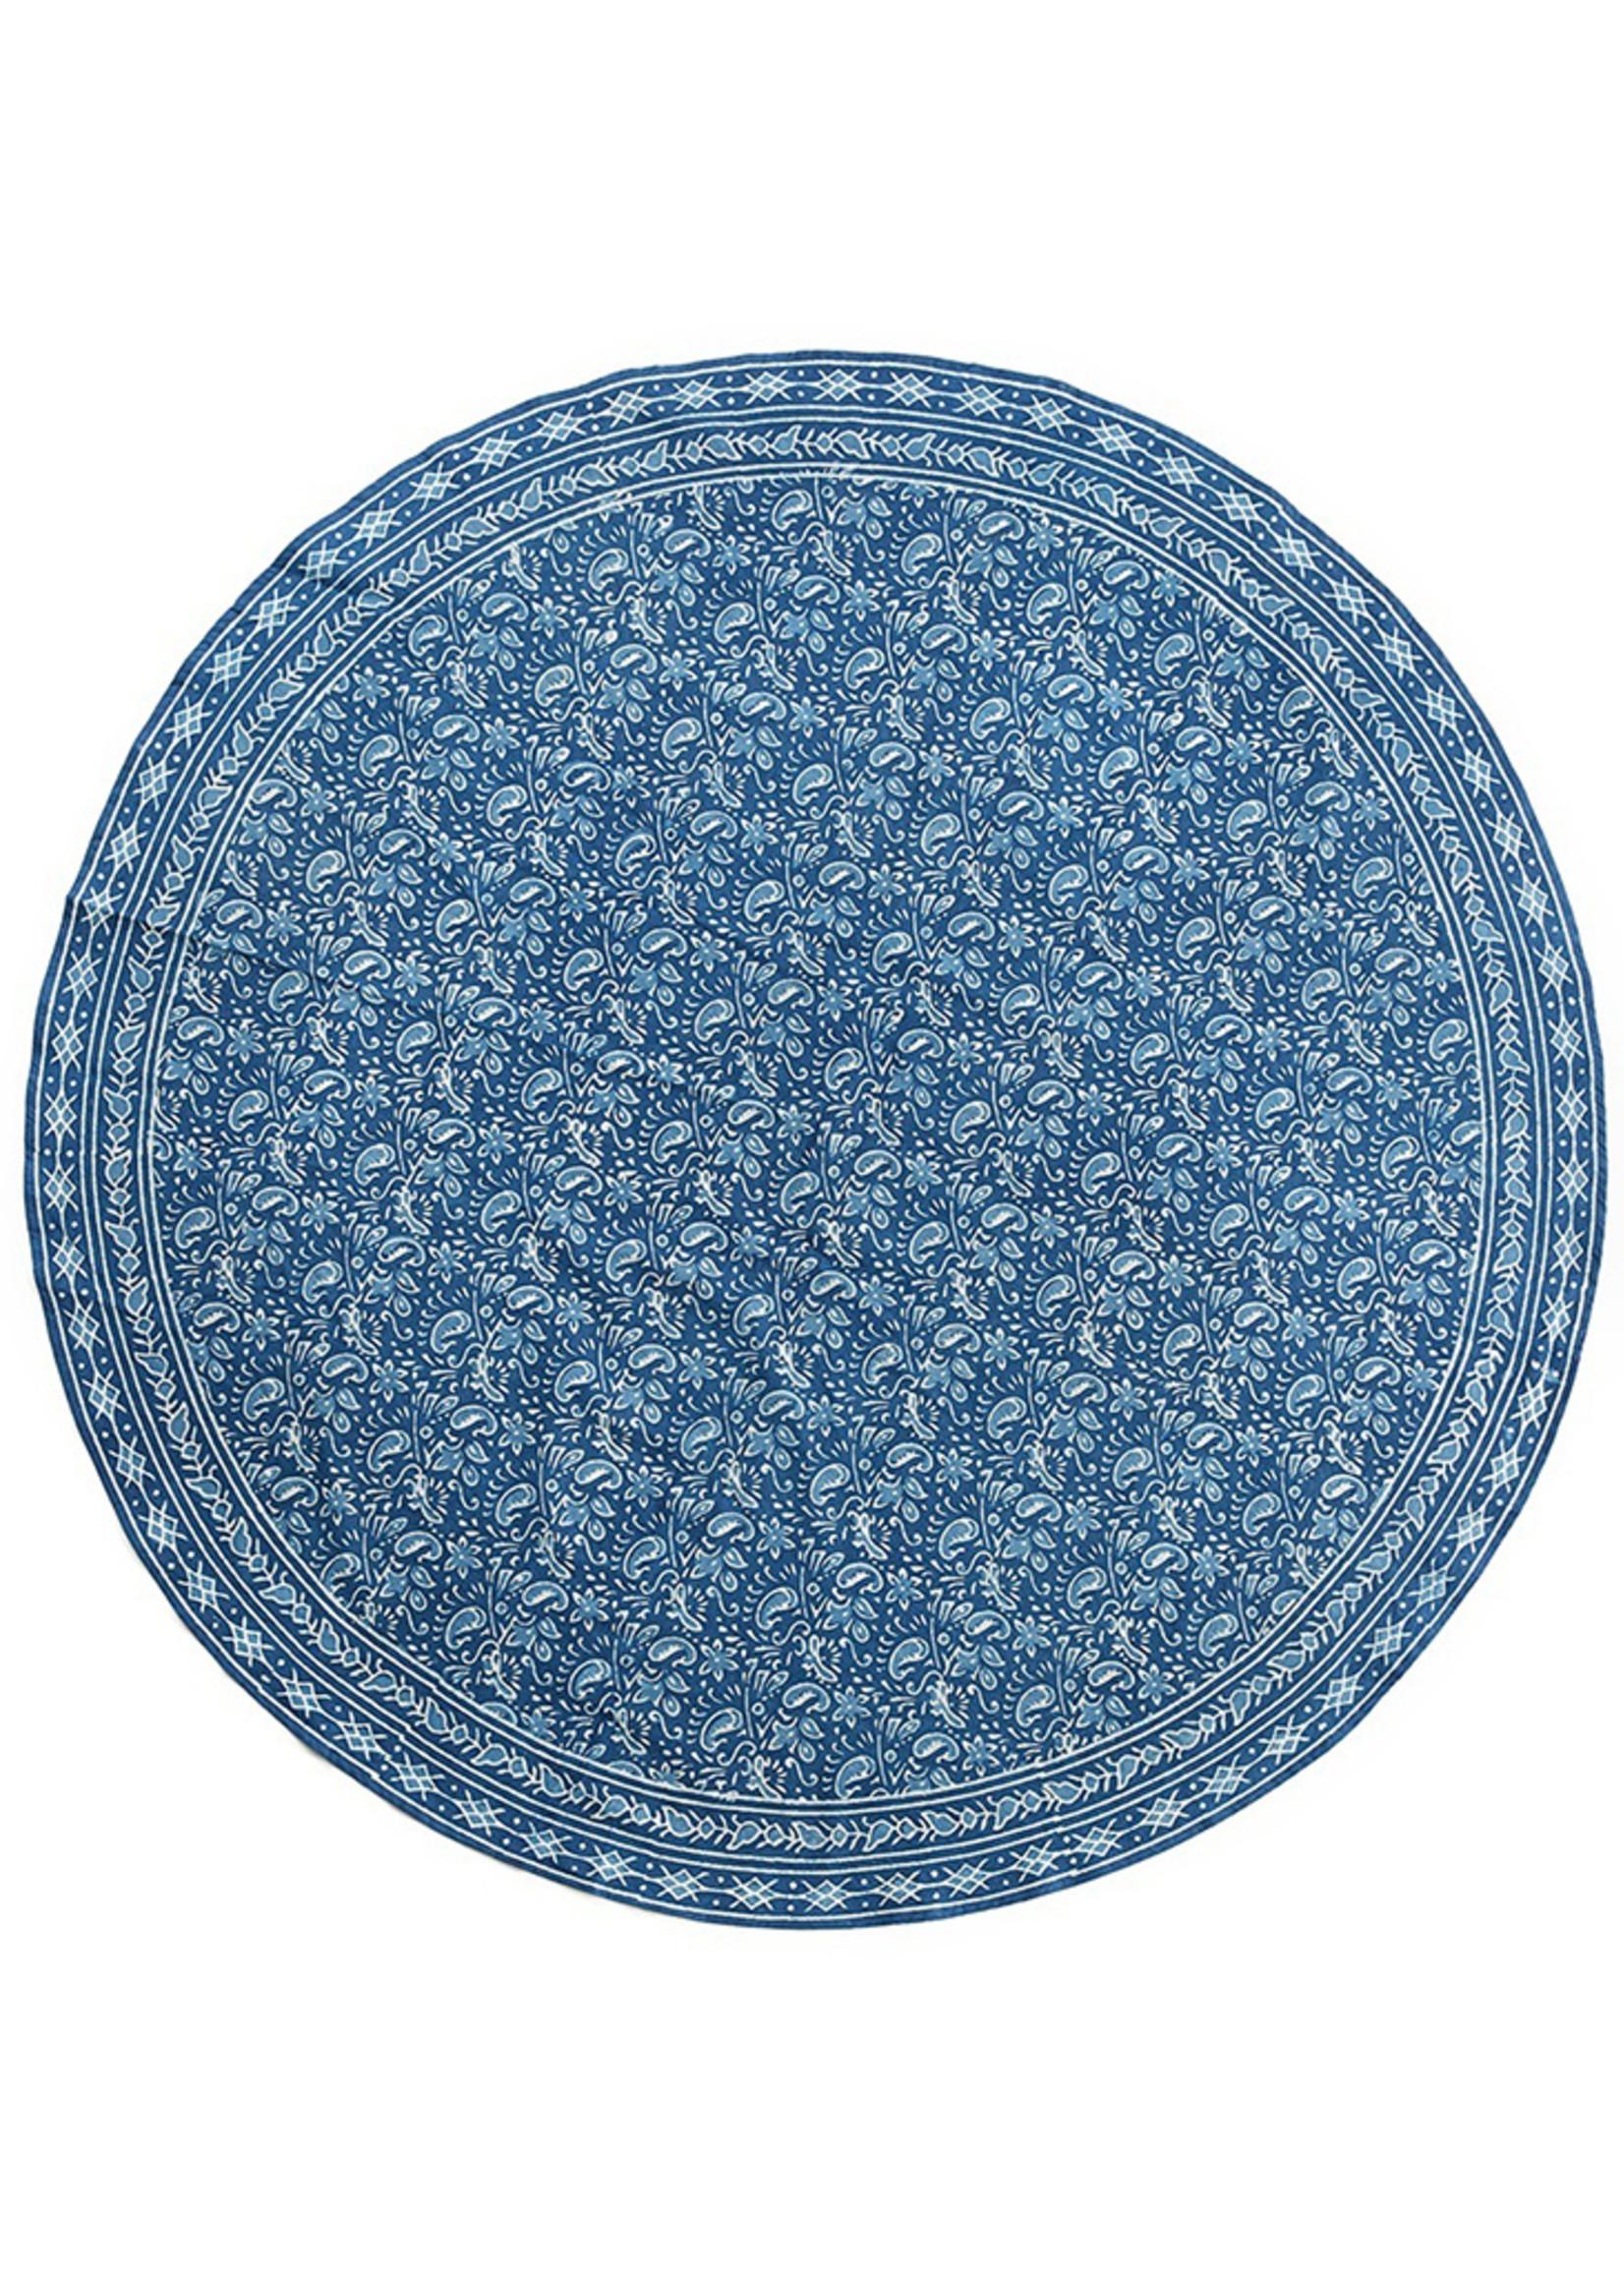 Floral Indigo Round Tablecloth